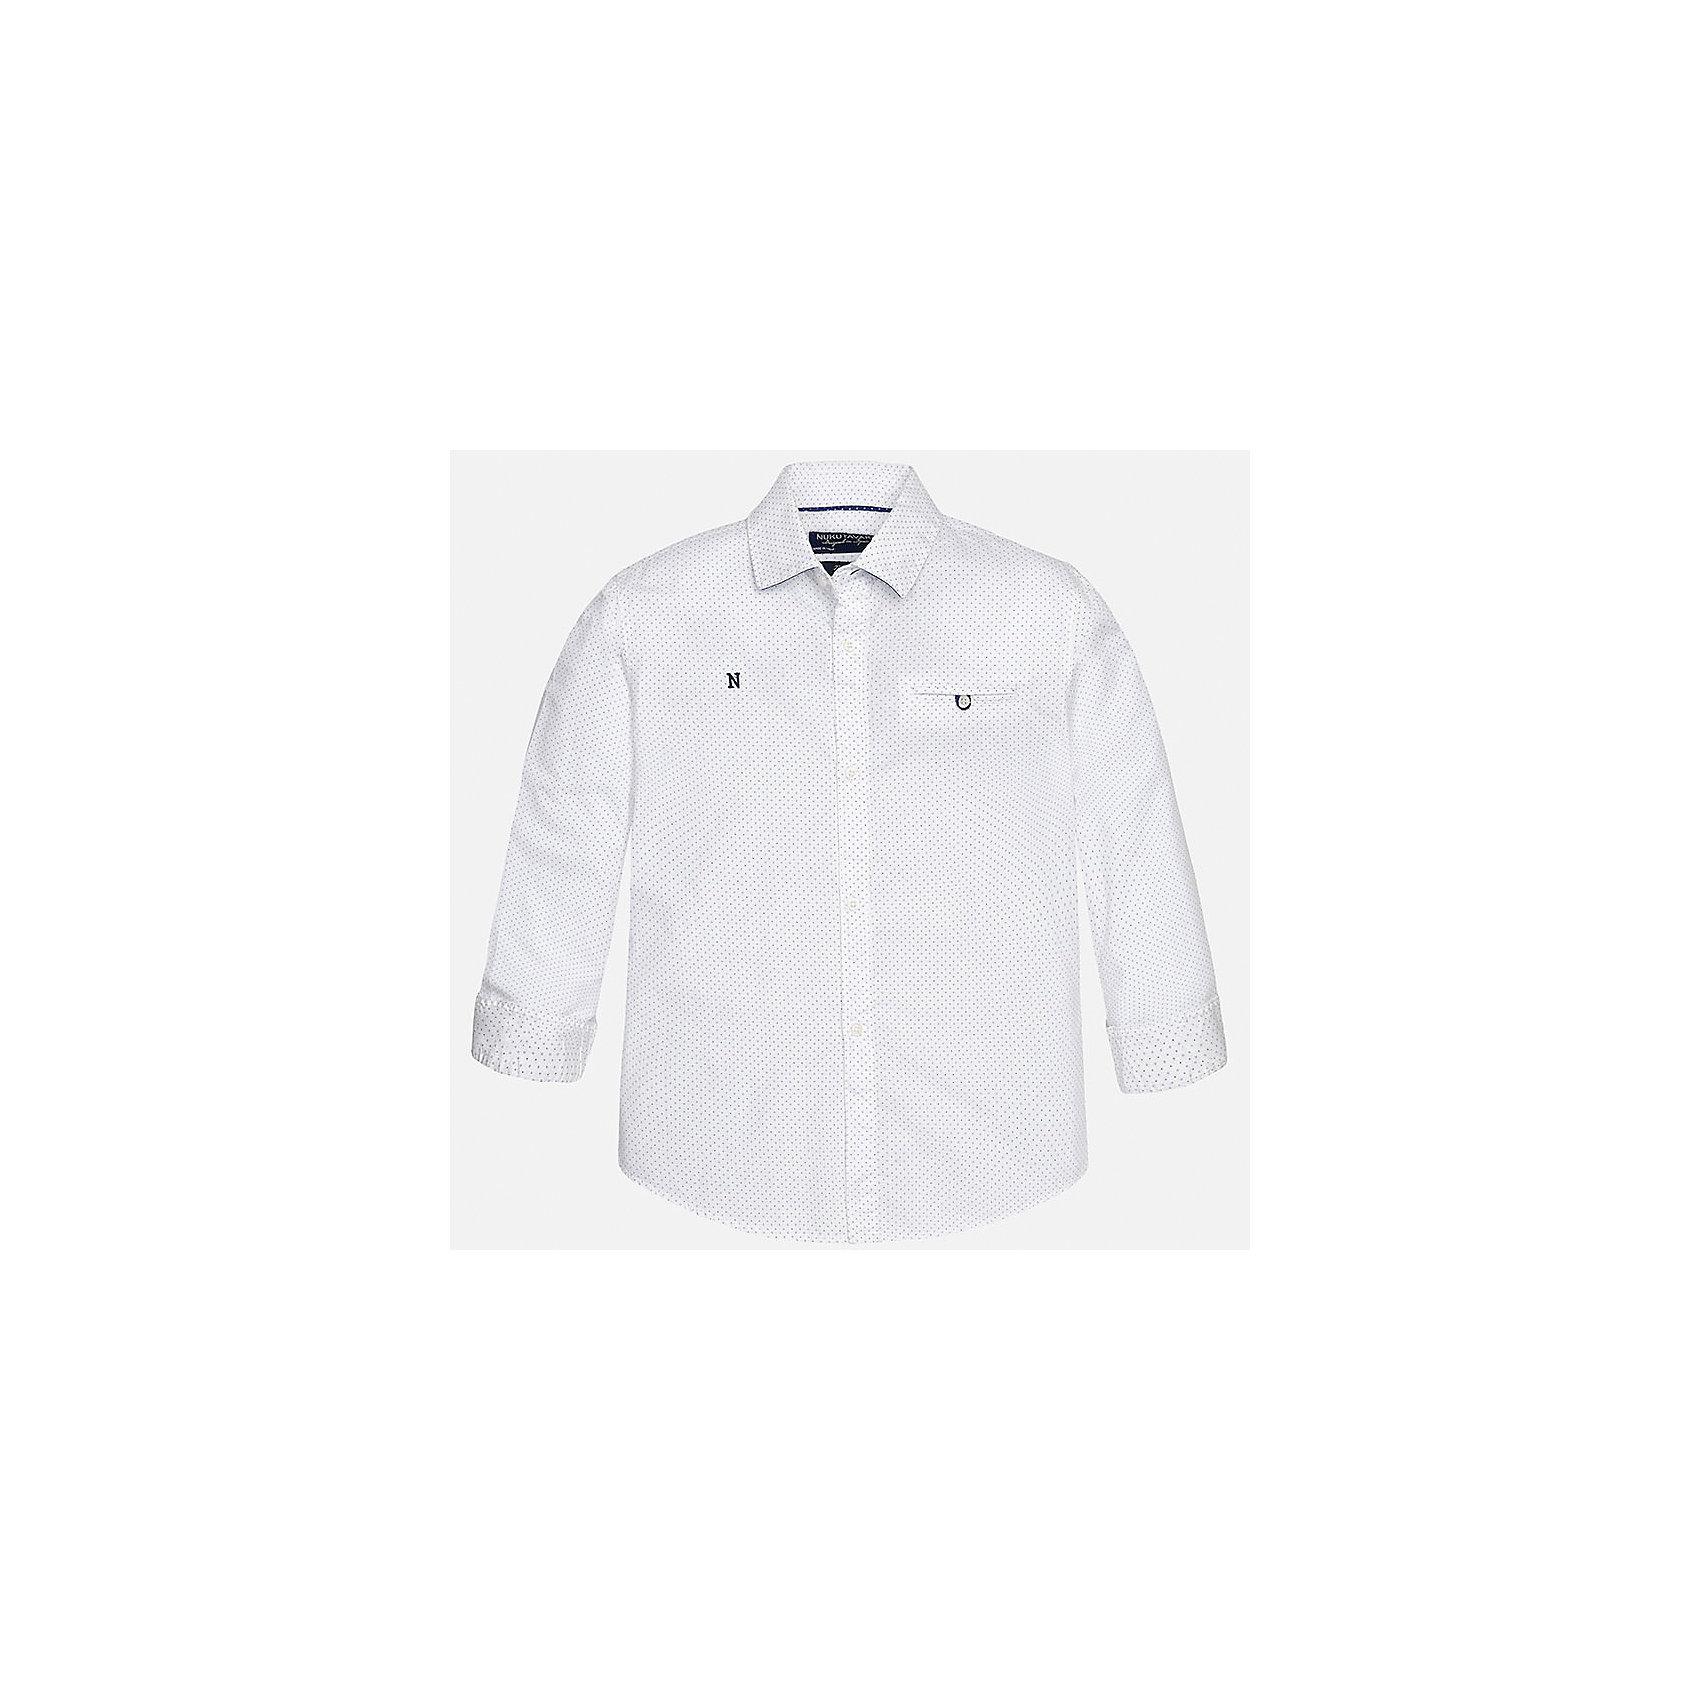 Рубашка для мальчика MayoralХарактеристики товара:<br><br>• цвет: белый<br>• состав: 100% хлопок<br>• отложной воротник<br>• декорирована карманом и вышивкой на груди<br>• рукава с отворотами<br>• застежки: пуговицы<br>• страна бренда: Испания<br><br>Модная рубашка поможет разнообразить гардероб мальчика. Она отлично сочетается с брюками, шортами, джинсами. Универсальный крой и цвет позволяет подобрать к вещи низ разных расцветок. Практичное и стильное изделие! Хорошо смотрится и комфортно сидит на детях. В составе материала - только натуральный хлопок, гипоаллергенный, приятный на ощупь, дышащий. <br><br>Одежда, обувь и аксессуары от испанского бренда Mayoral полюбились детям и взрослым по всему миру. Модели этой марки - стильные и удобные. Для их производства используются только безопасные, качественные материалы и фурнитура. Порадуйте ребенка модными и красивыми вещами от Mayoral! <br><br>Рубашку для мальчика от испанского бренда Mayoral (Майорал) можно купить в нашем интернет-магазине.<br><br>Ширина мм: 174<br>Глубина мм: 10<br>Высота мм: 169<br>Вес г: 157<br>Цвет: белый<br>Возраст от месяцев: 84<br>Возраст до месяцев: 96<br>Пол: Мужской<br>Возраст: Детский<br>Размер: 158,128/134,170,164,152,140<br>SKU: 5281687